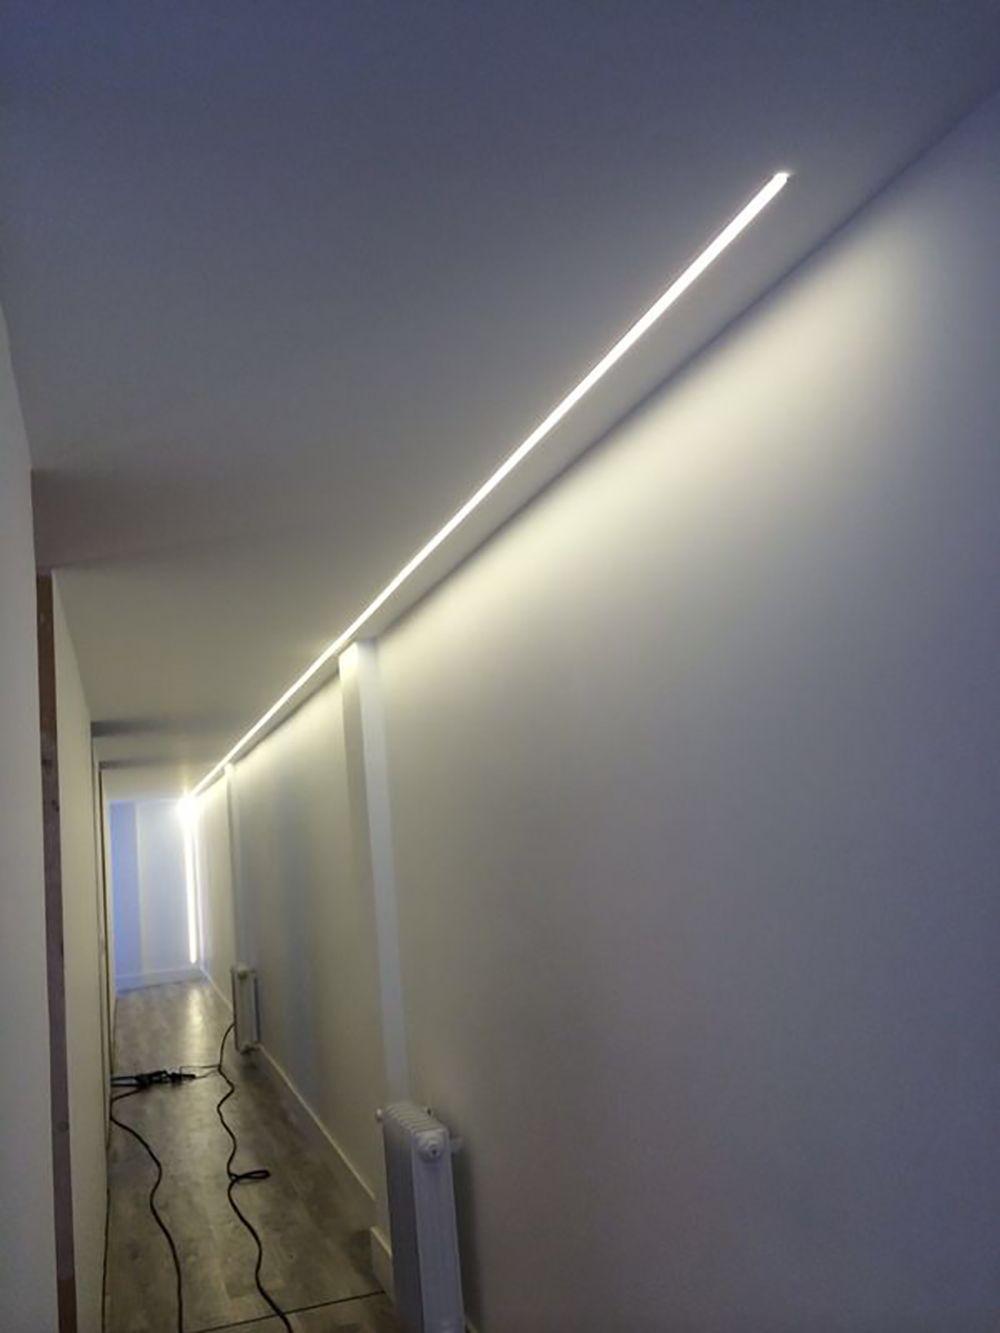 Ideas de decoracin e iluminacin con tiras de LEDs  Tiras de LEDs  Pinterest  Ideas de decoracion Iluminacin y Ideas